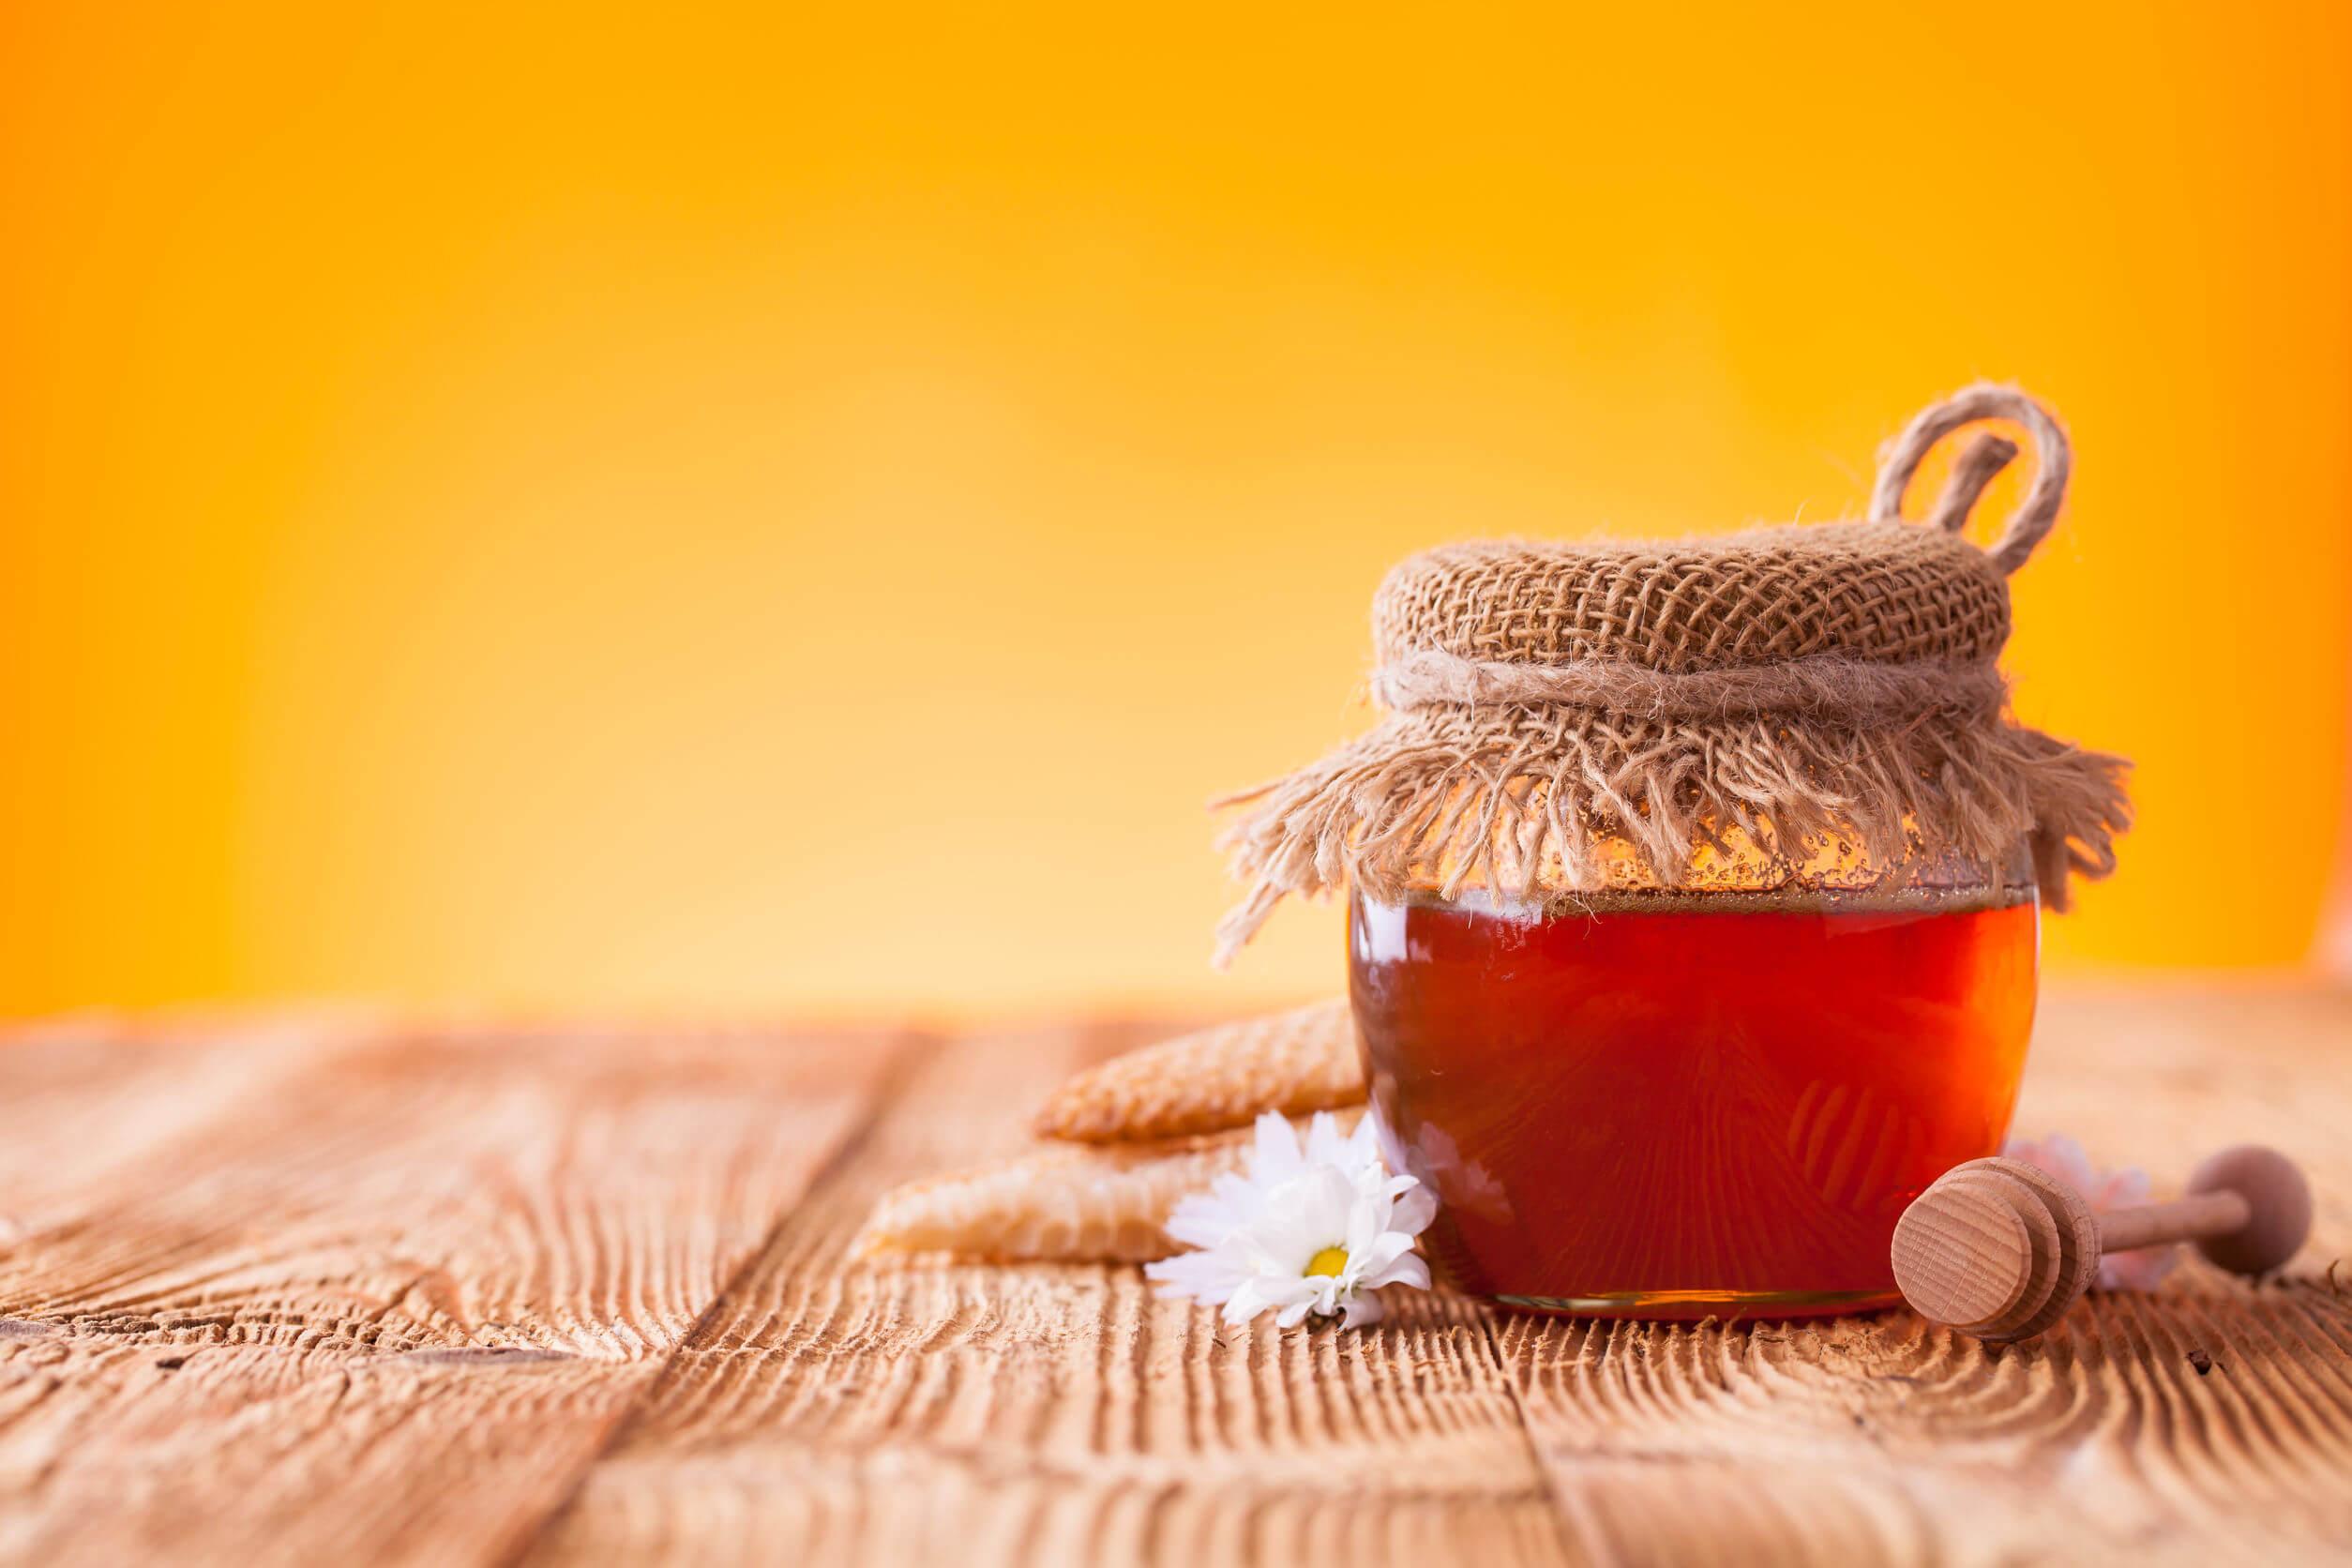 Los bebés no pueden comer miel por el riesgo de botulismo.